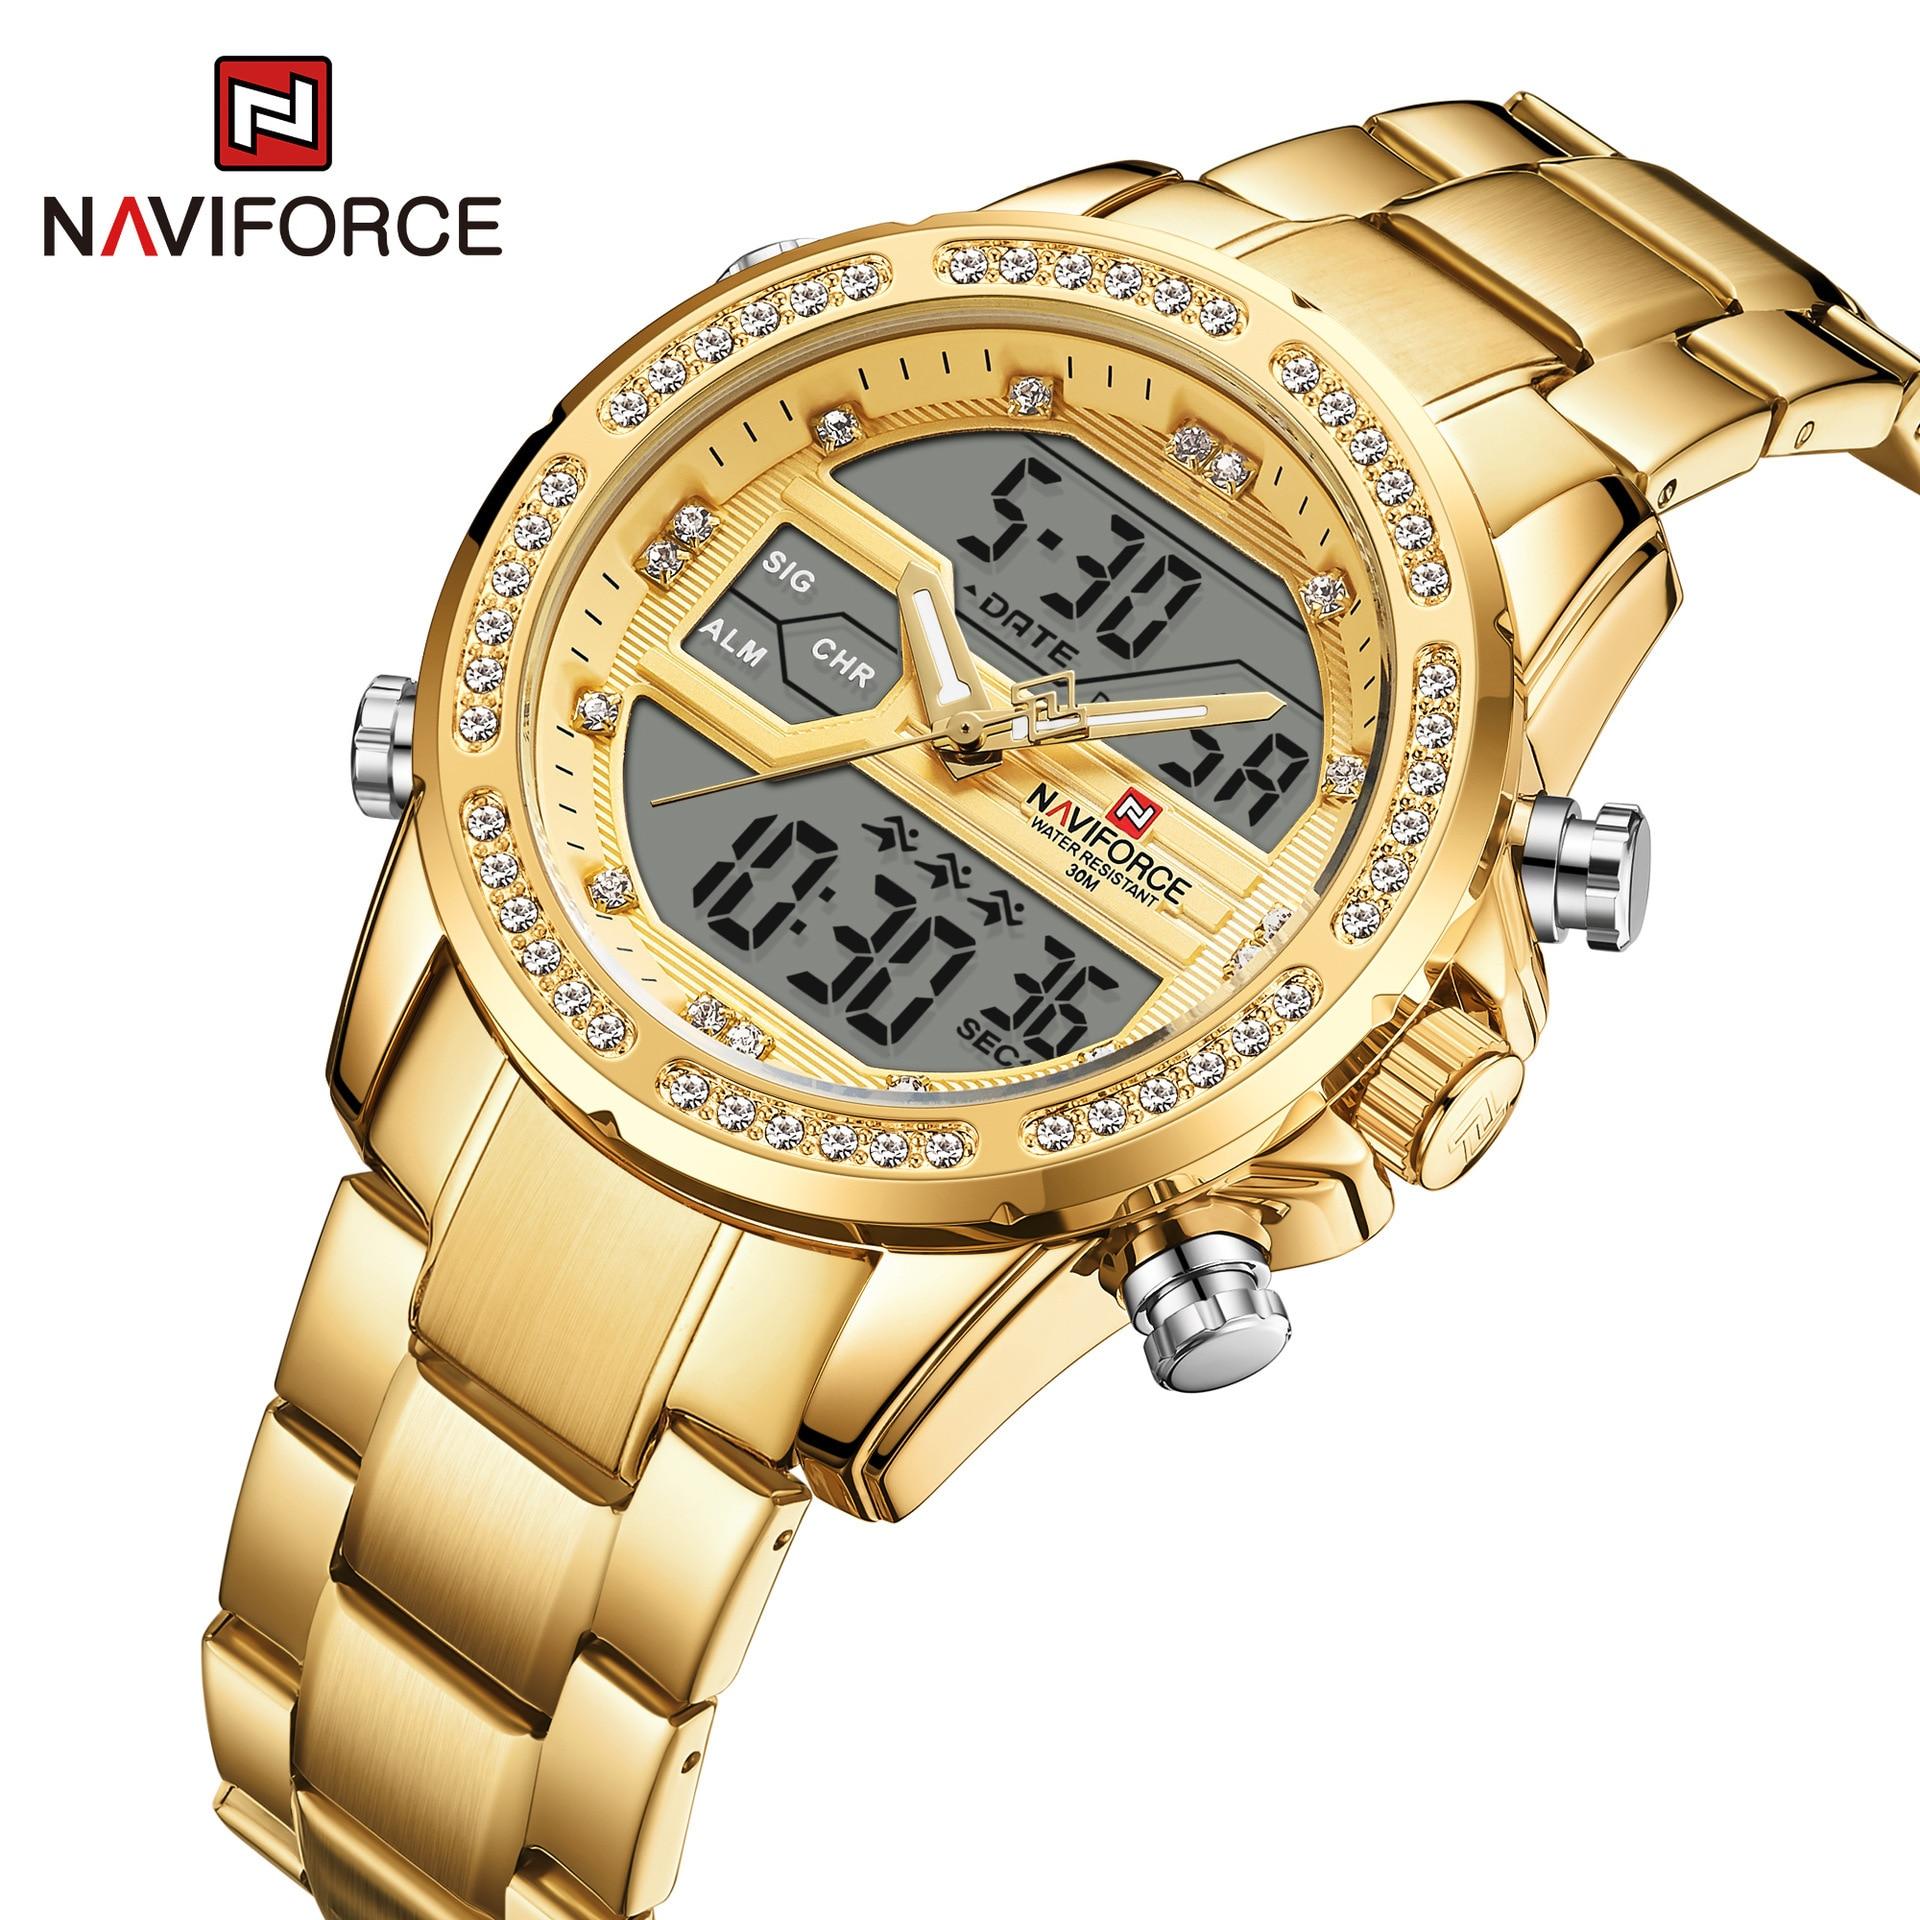 Relógio de Aço Negócios Quartzo Relógio Masculino Inoxidável Esportivo Naviforce9190